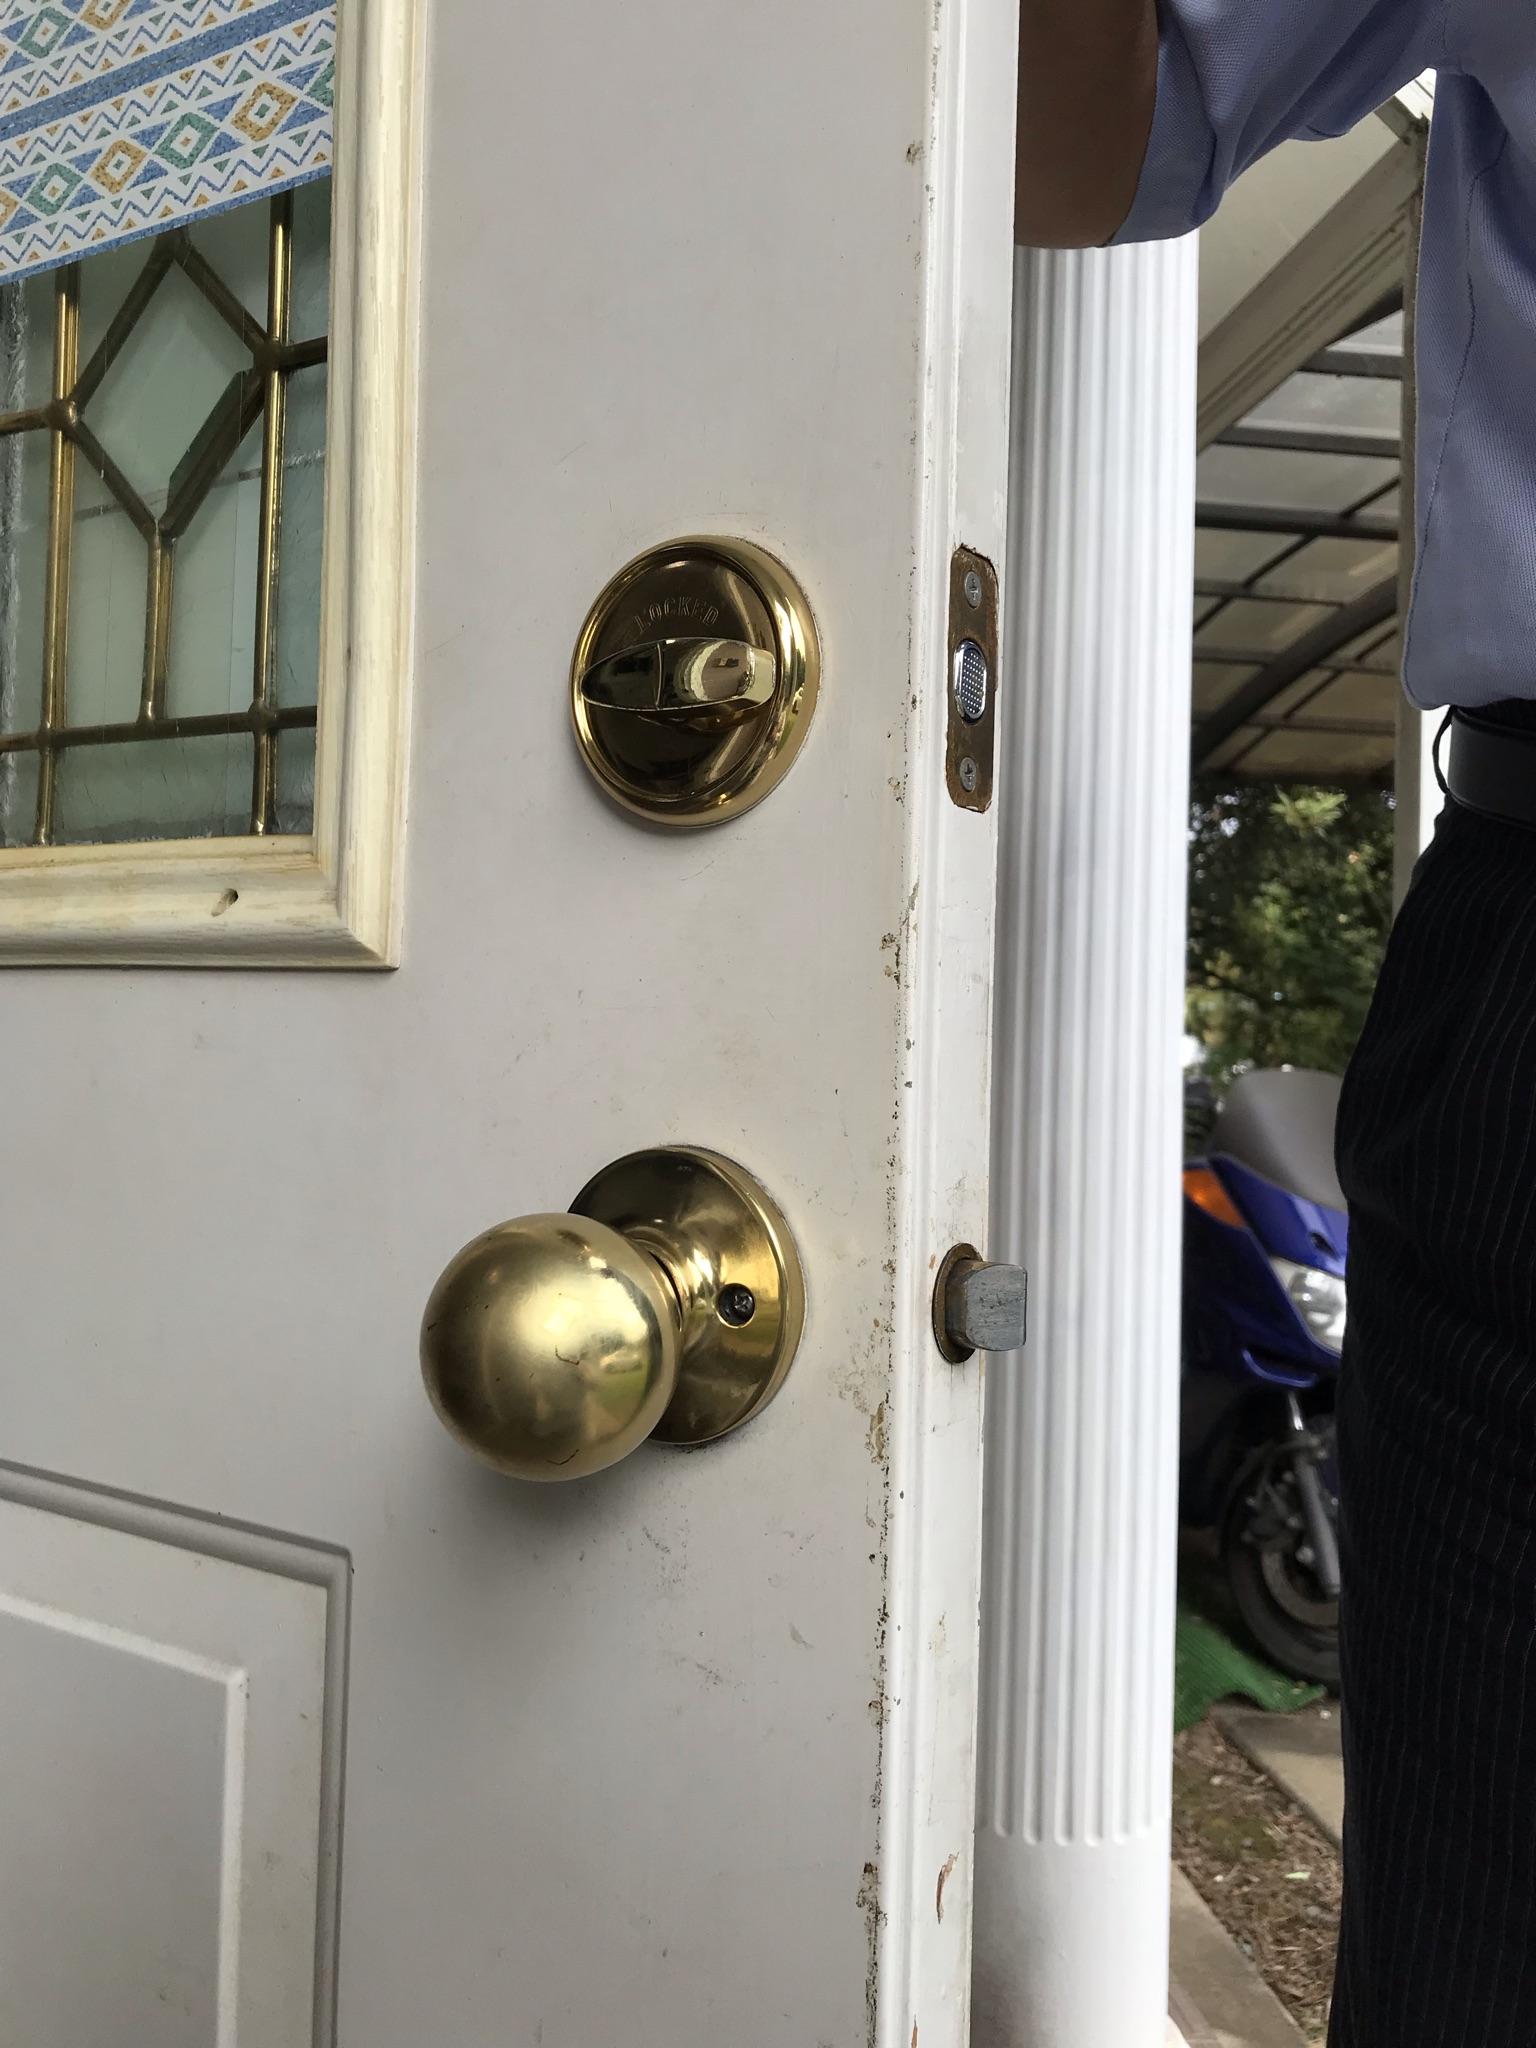 伊奈町輸入住宅全体メンテナンス工事で不具合の玄関ドア錠交換内側工事前